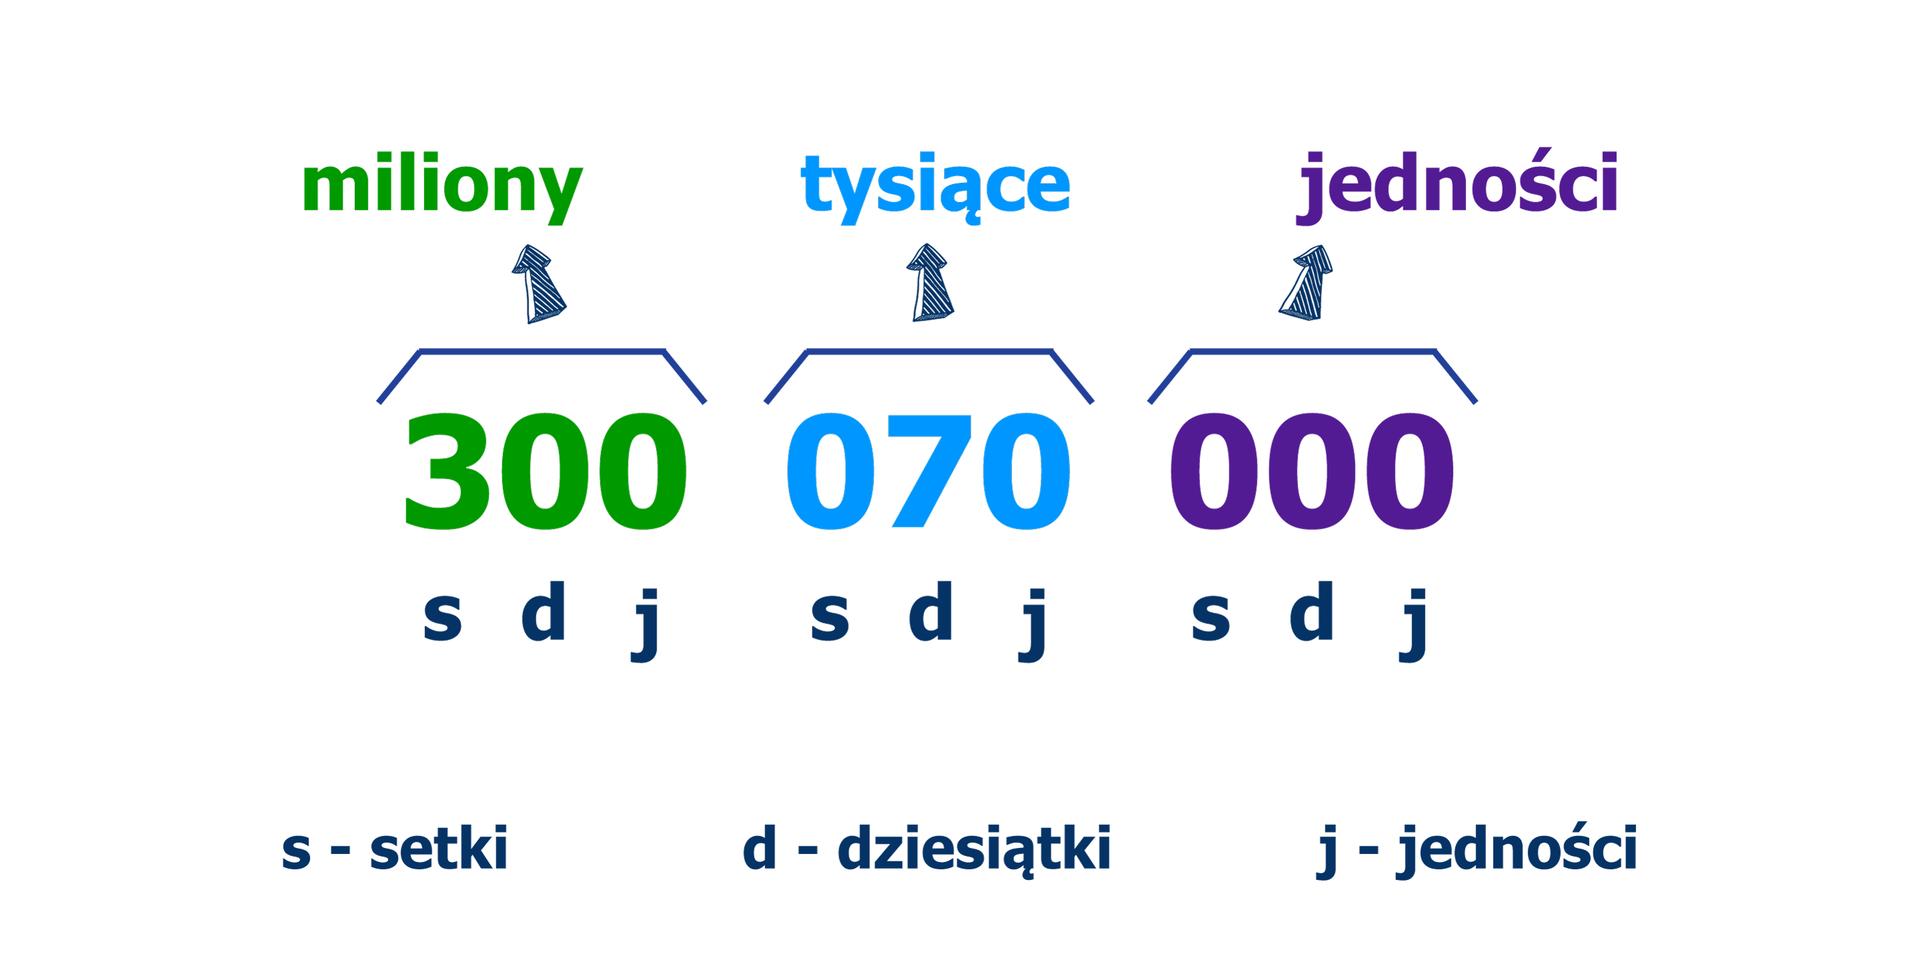 Zapis liczby: 300070000. Liczba jest rozdzielona na trzycyfrowe grupy, zaczynając od prawej strony. Grupy cyfr oznaczają kolejno od prawej grupę jedności, tysięcy, milionów. Każde trzy cyfry, zaczynając od prawej oznaczają nazwy kolejnych rzędów wliczbie: j- jedności, d- dziesiątki, s- setki.